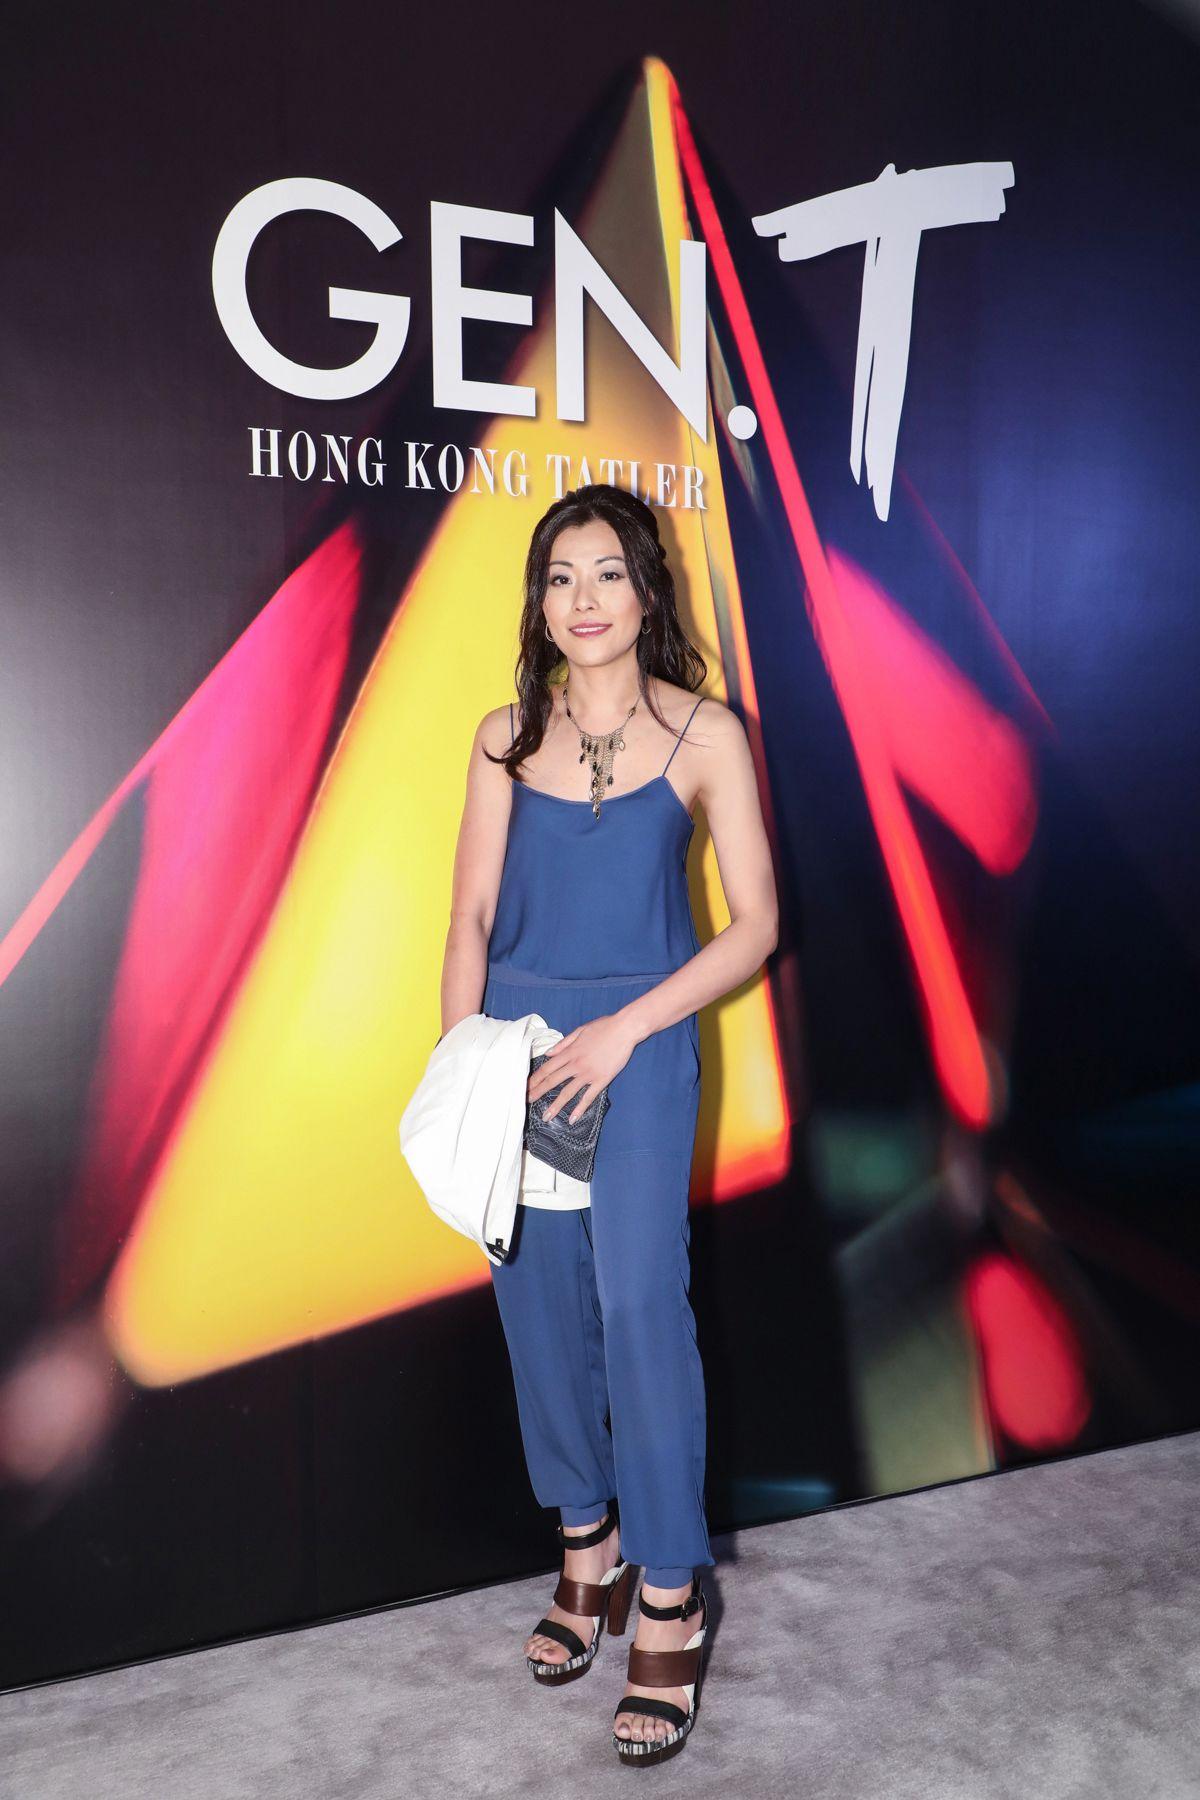 Peggy Choi